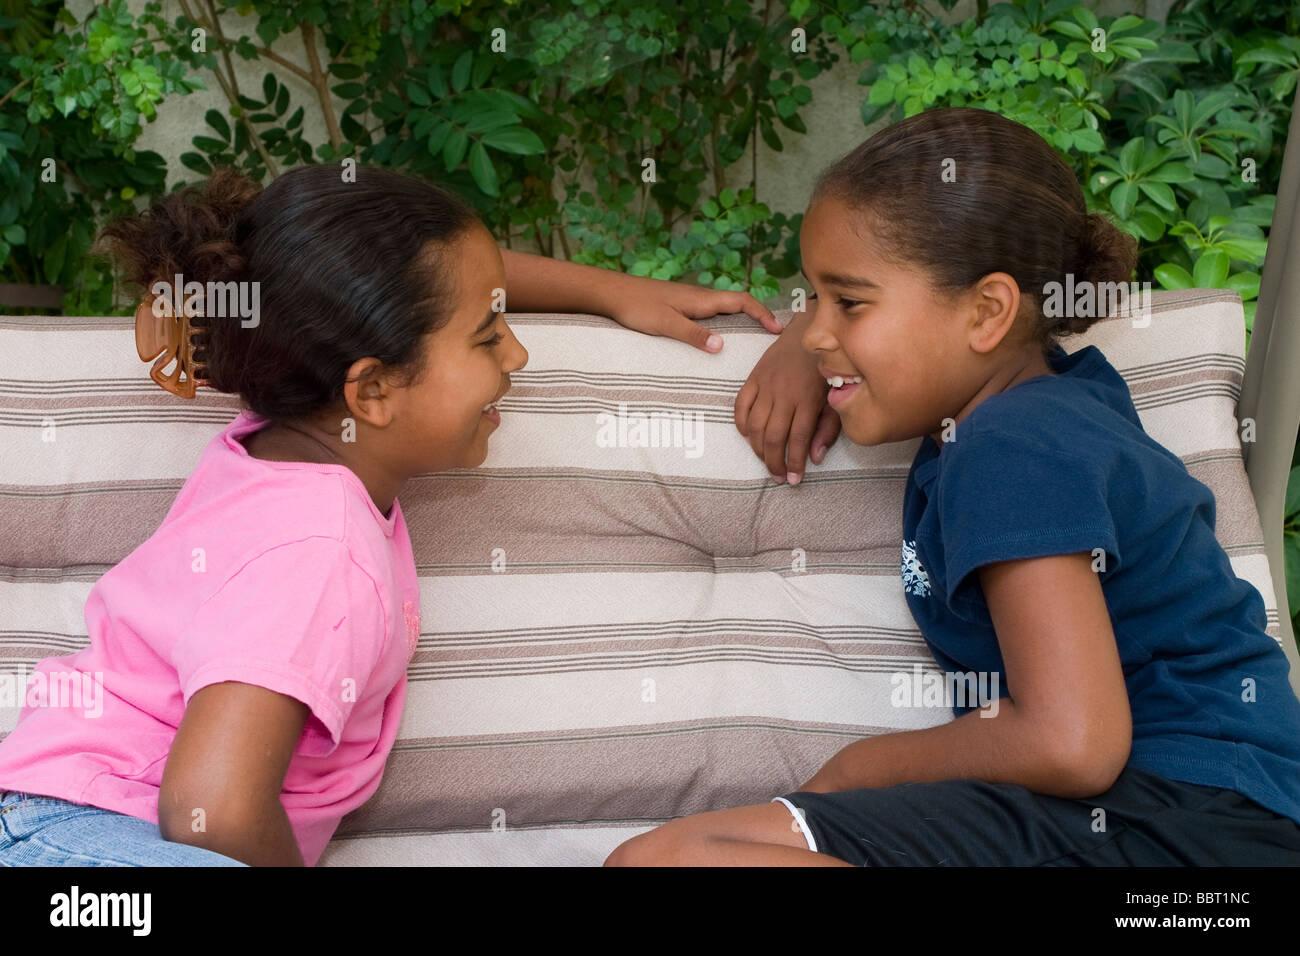 Multi diversidad racial multicultural y diversa racialmente cTwo hermanas 6-7 8-9 años hablando conversar chat Imagen De Stock